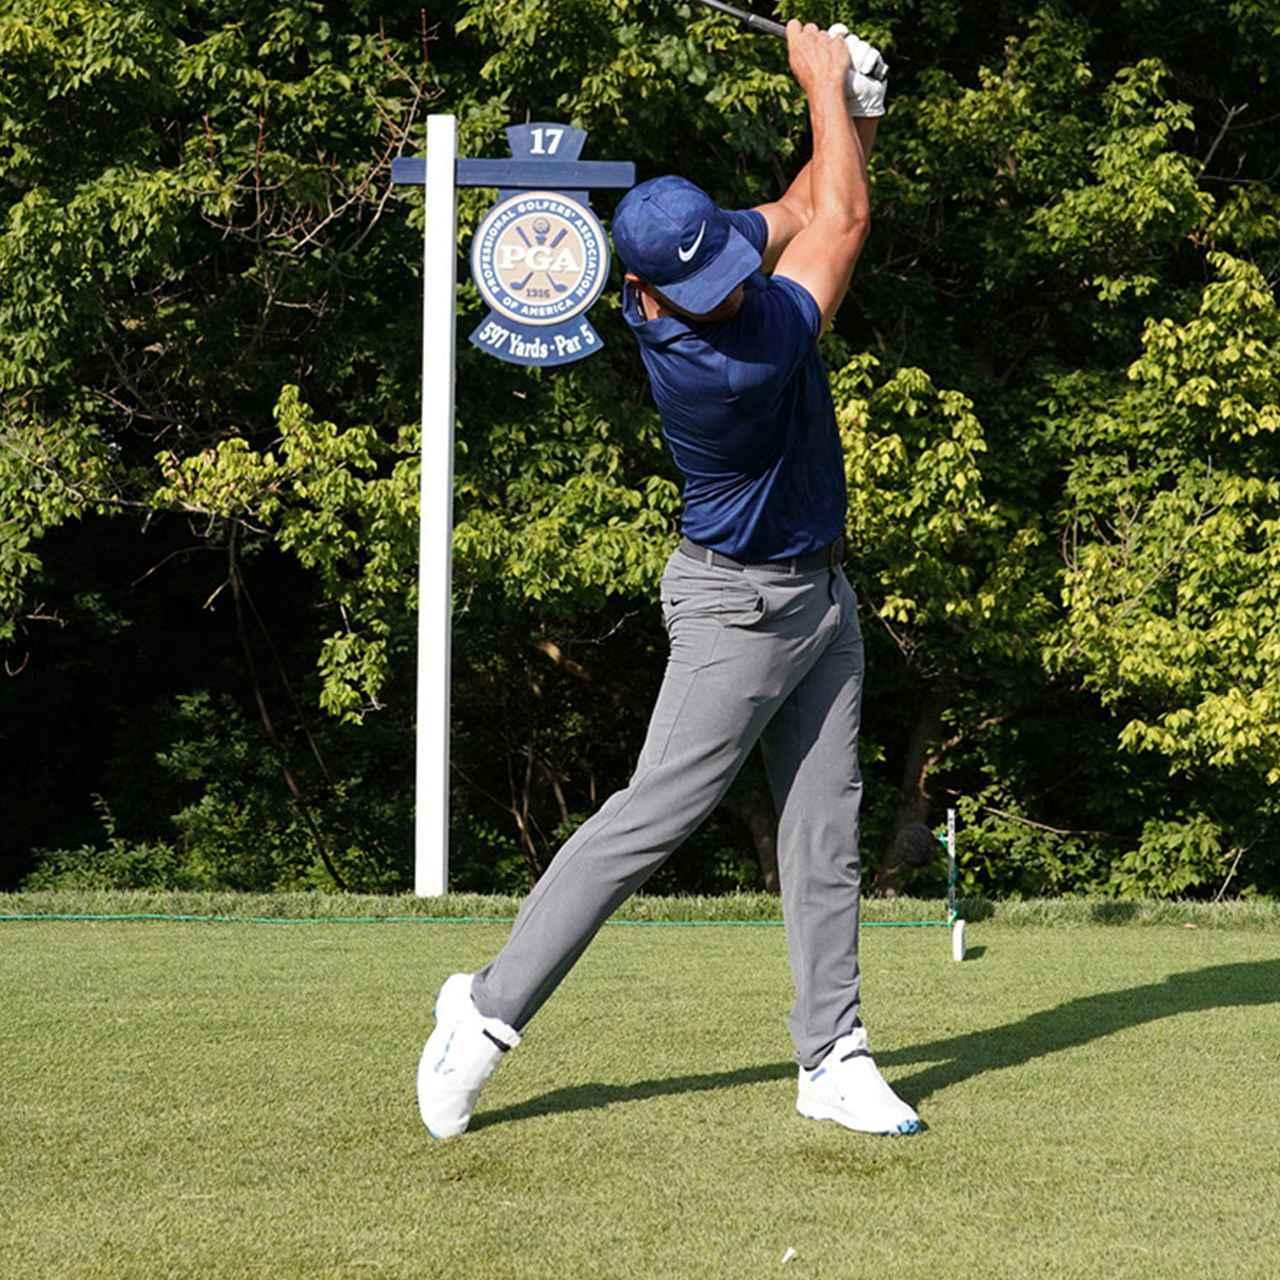 画像9: 【振り切る①】当てにいくから曲がる。プロが実践する「振り切って球まっすぐ!」メソッド